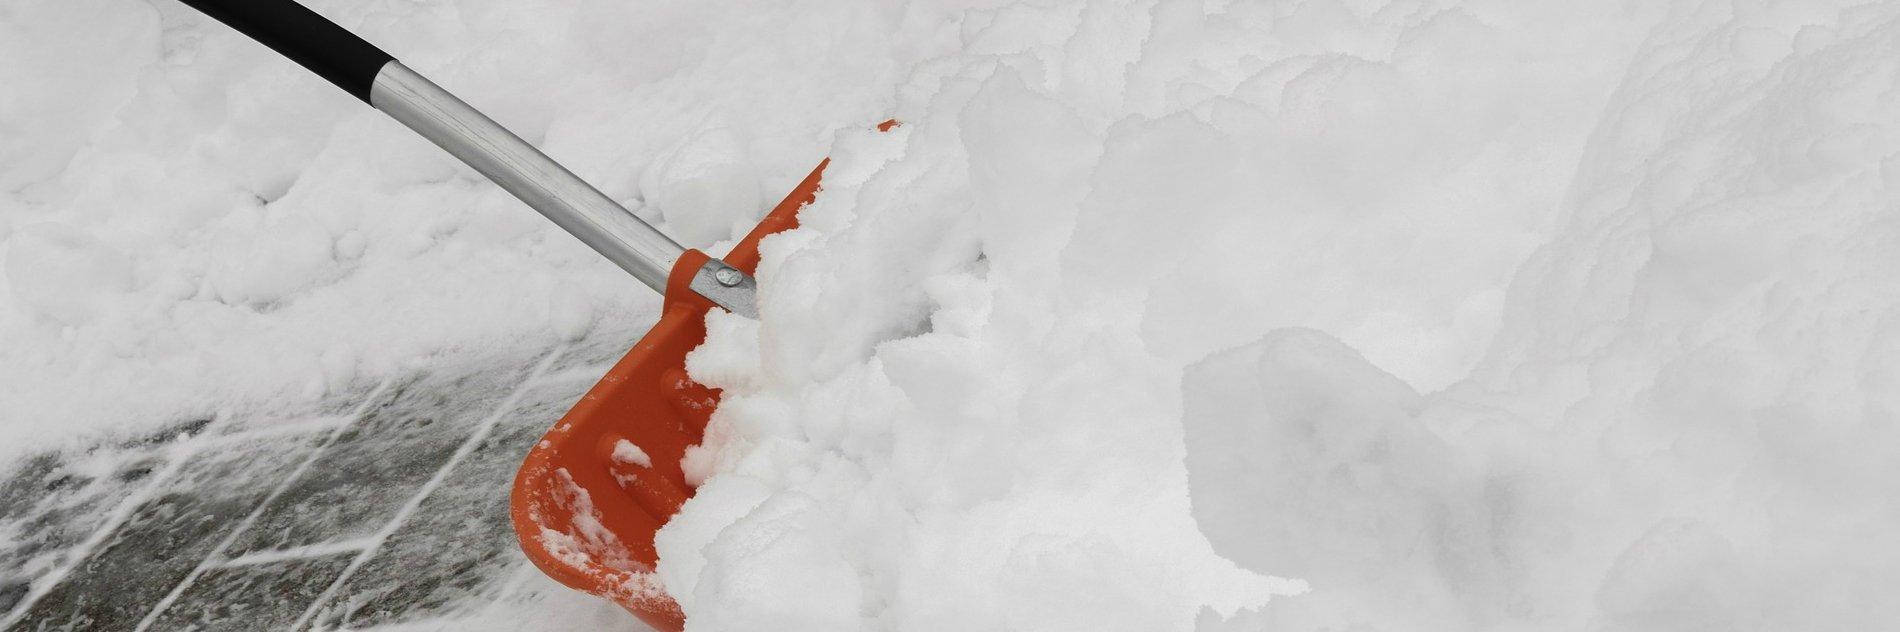 Schneeschieber_Transoplast_Winterdienst_2